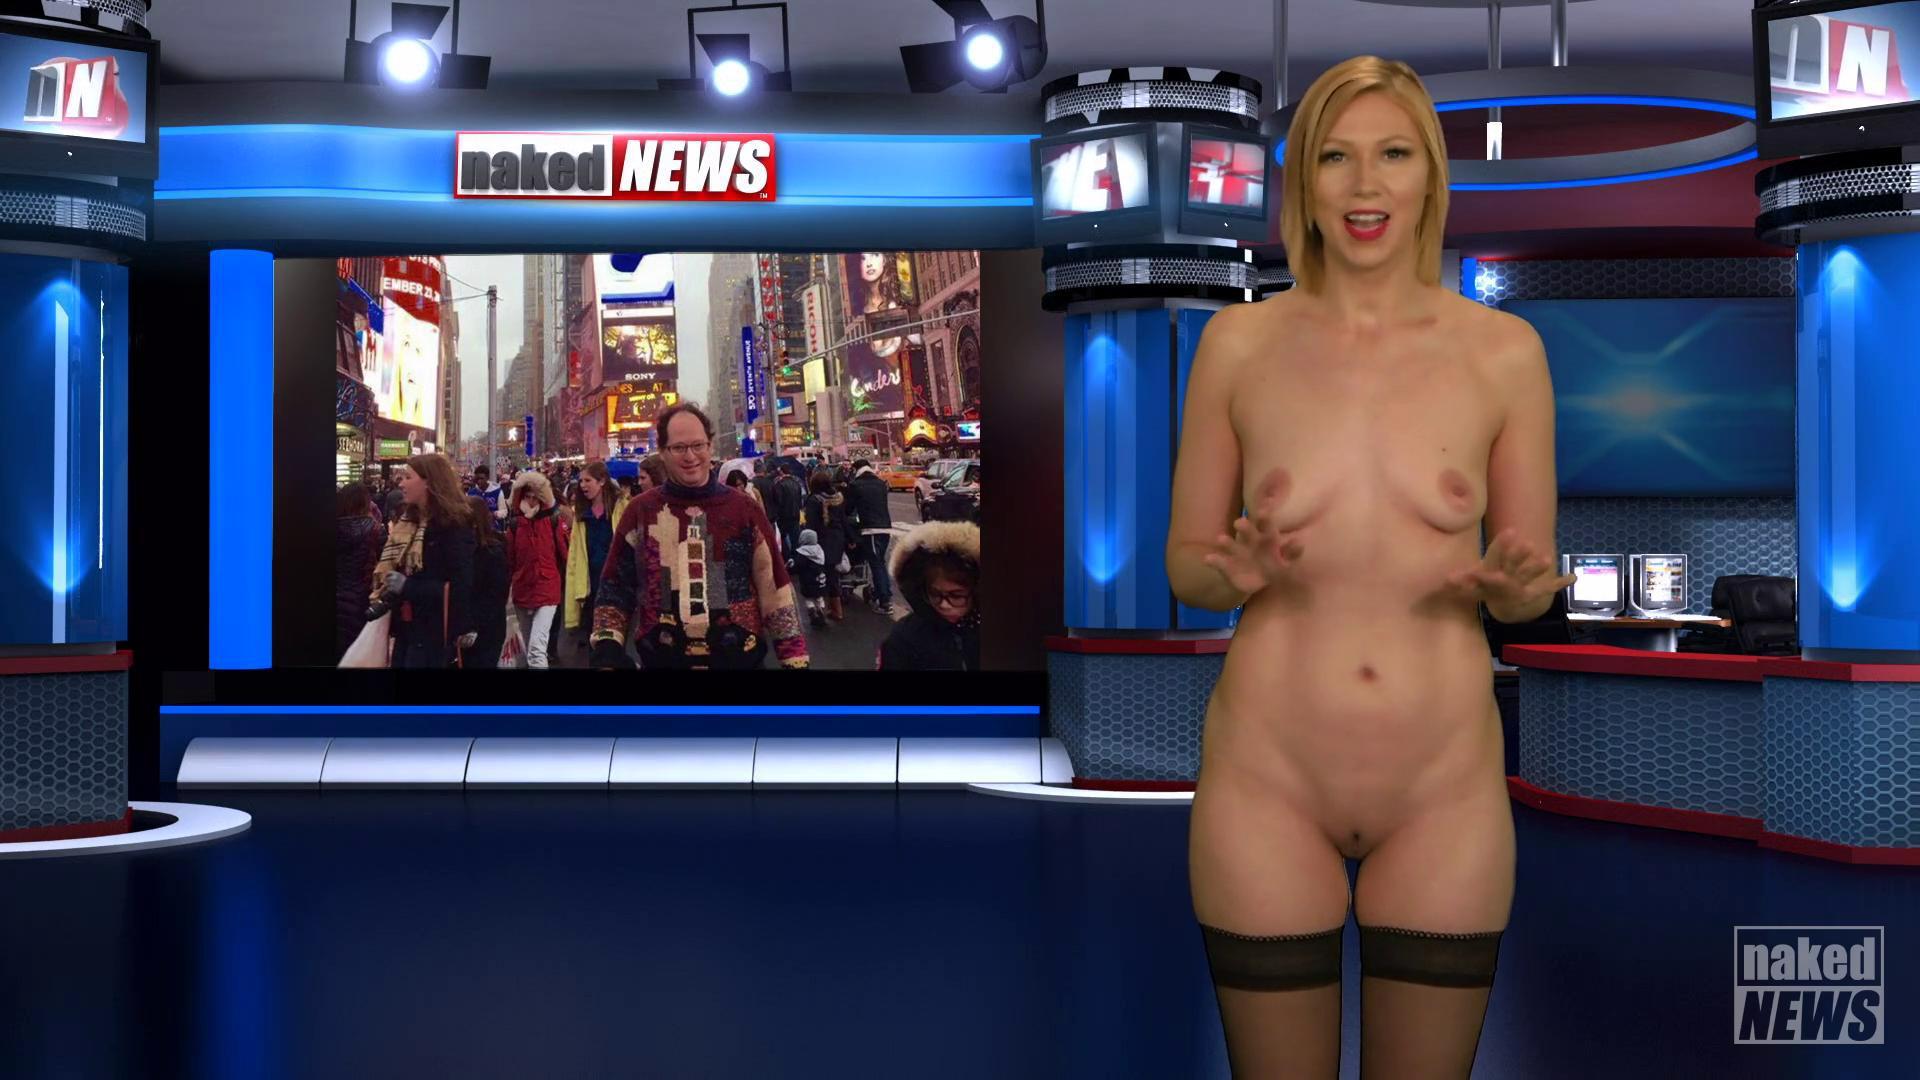 Naked news vk